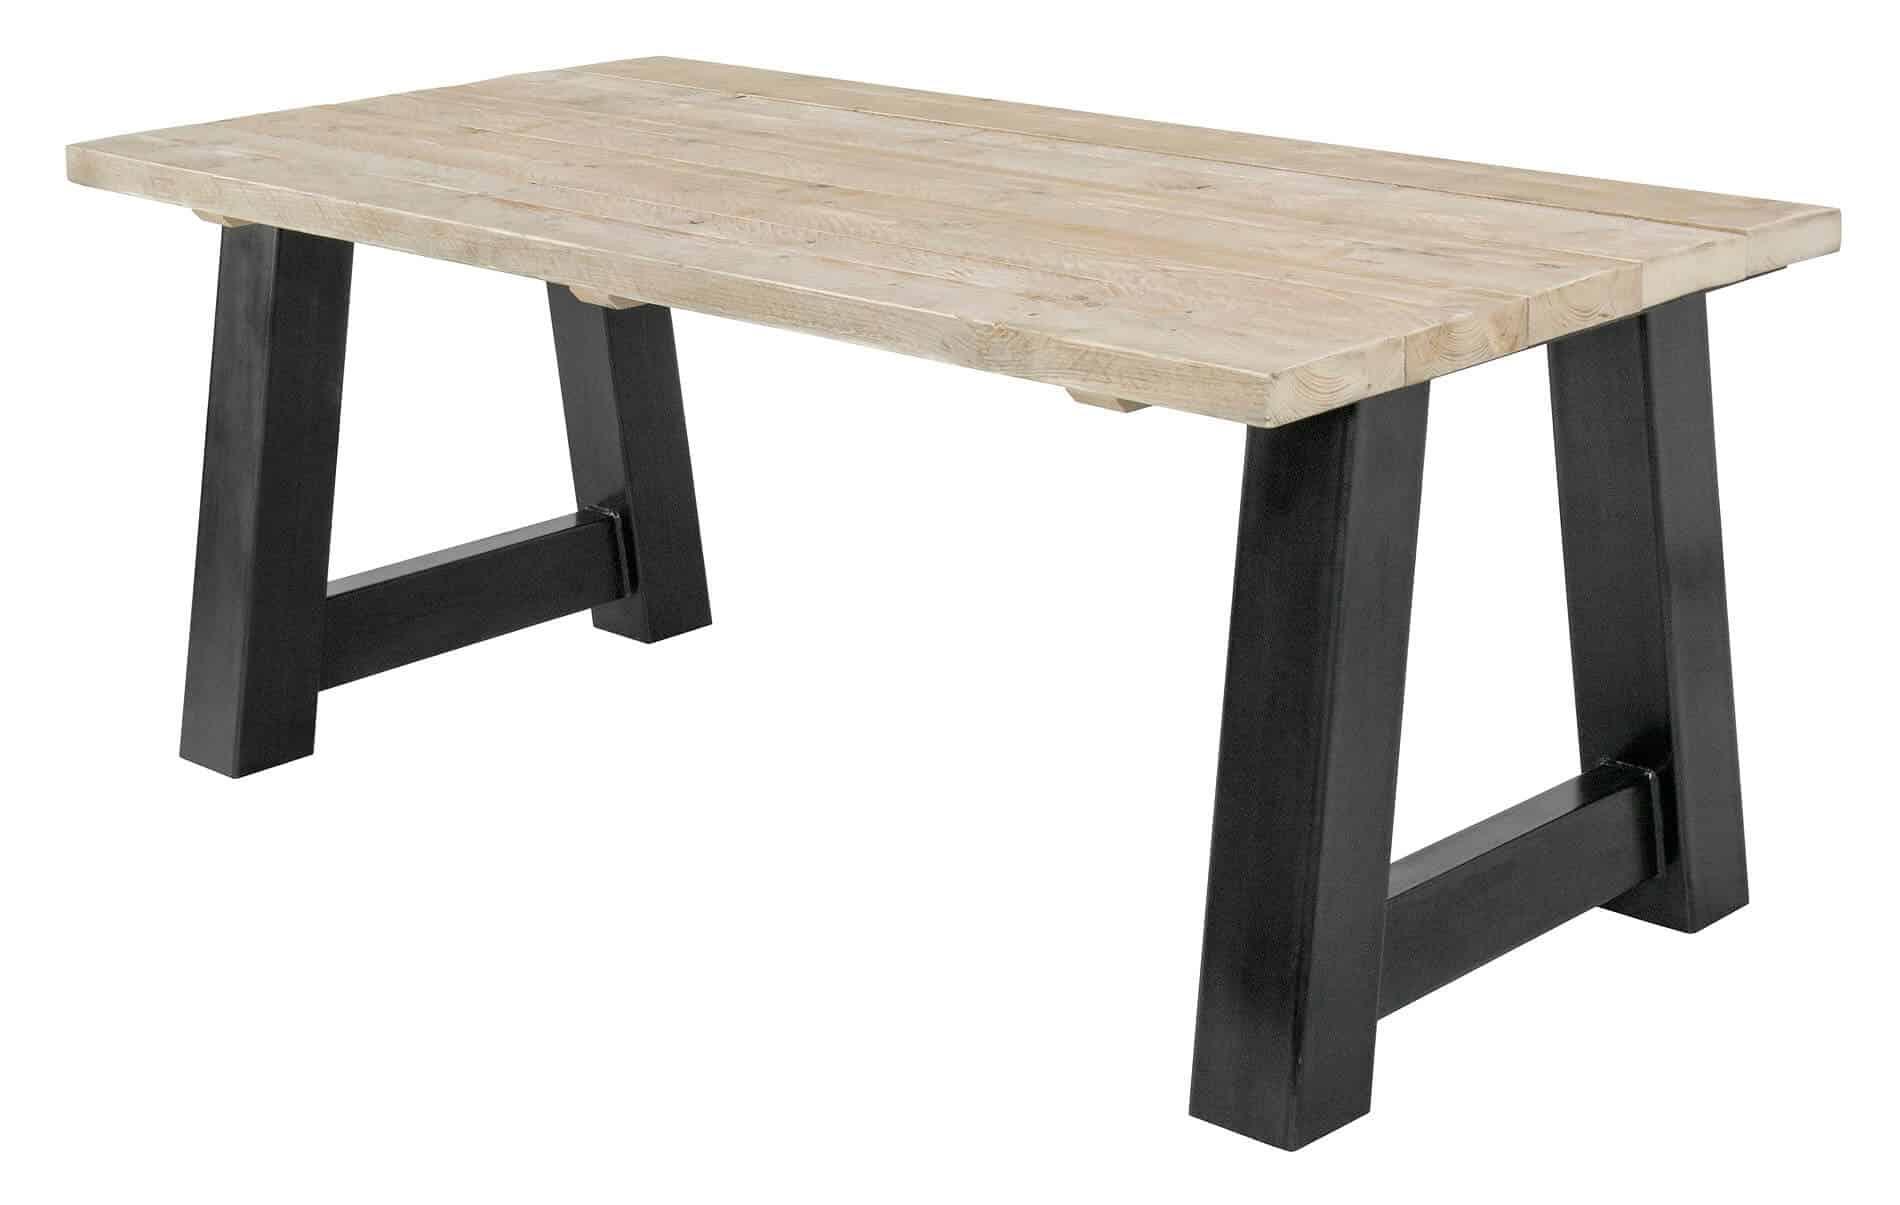 Tafel Steigerhout Tekening : Steigerhouten tafel amma industriëlemeubelshop